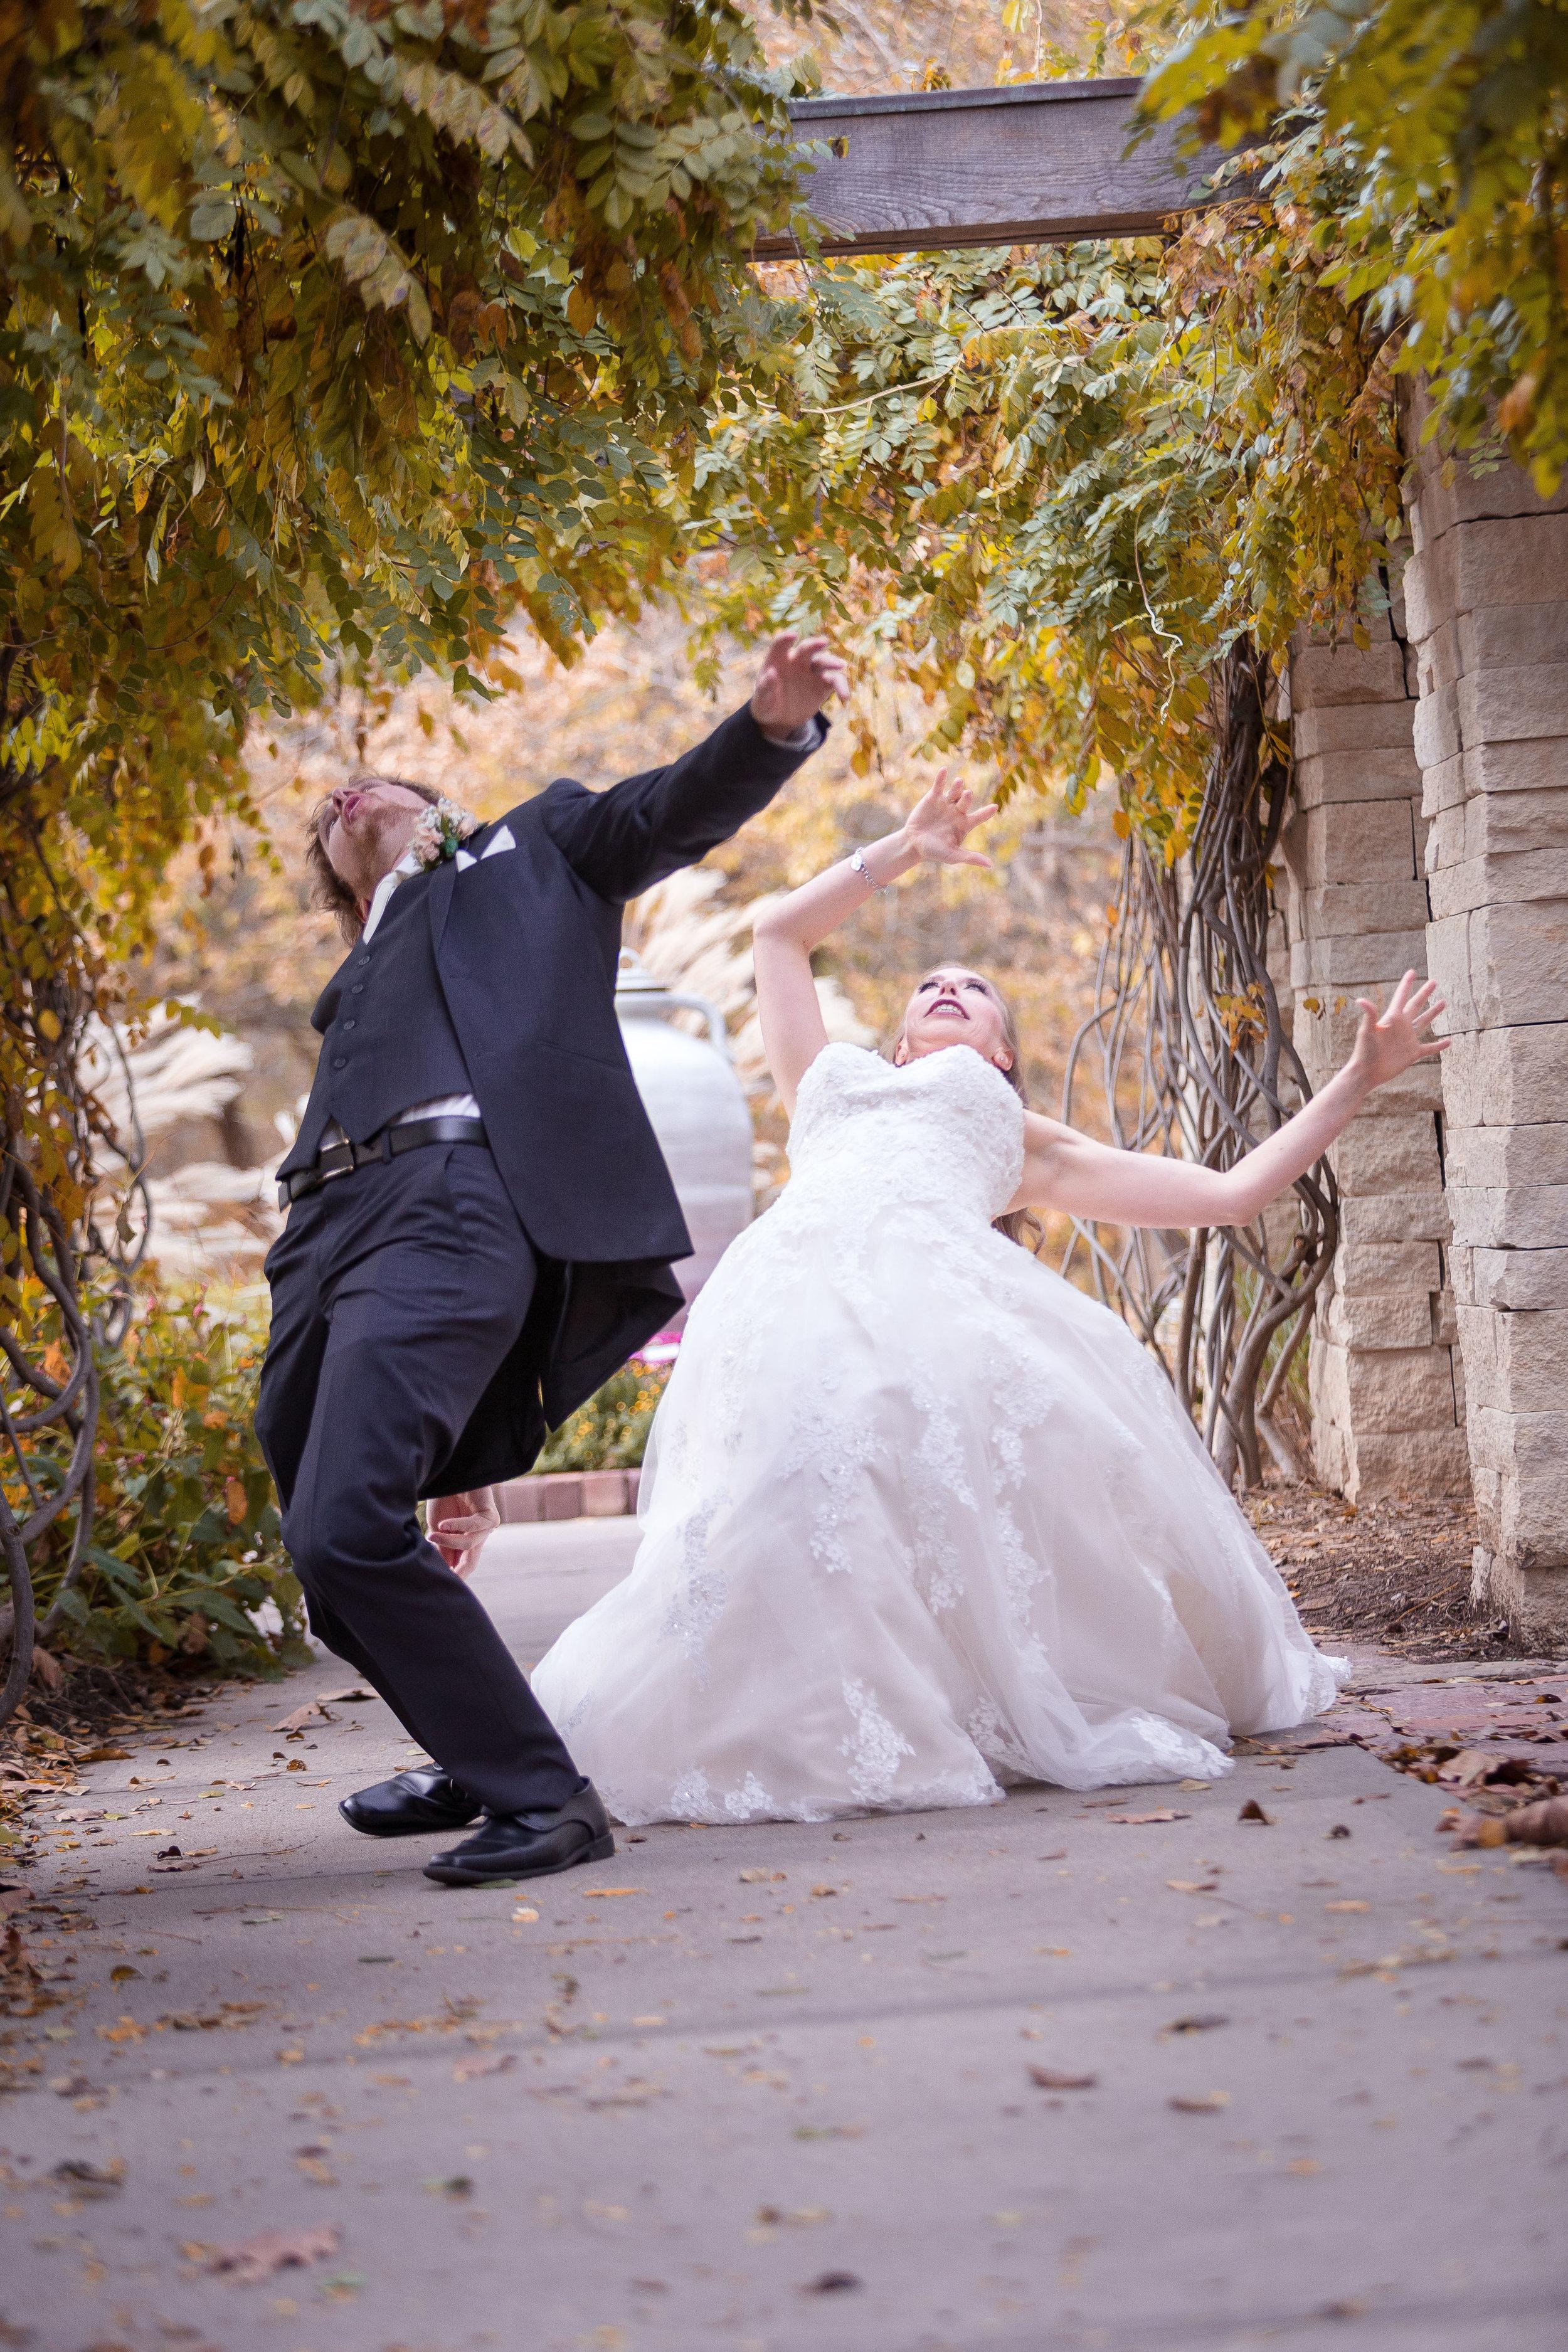 C_Wedding_Spellman, Megan & Tyler_10.27.18-838.JPG